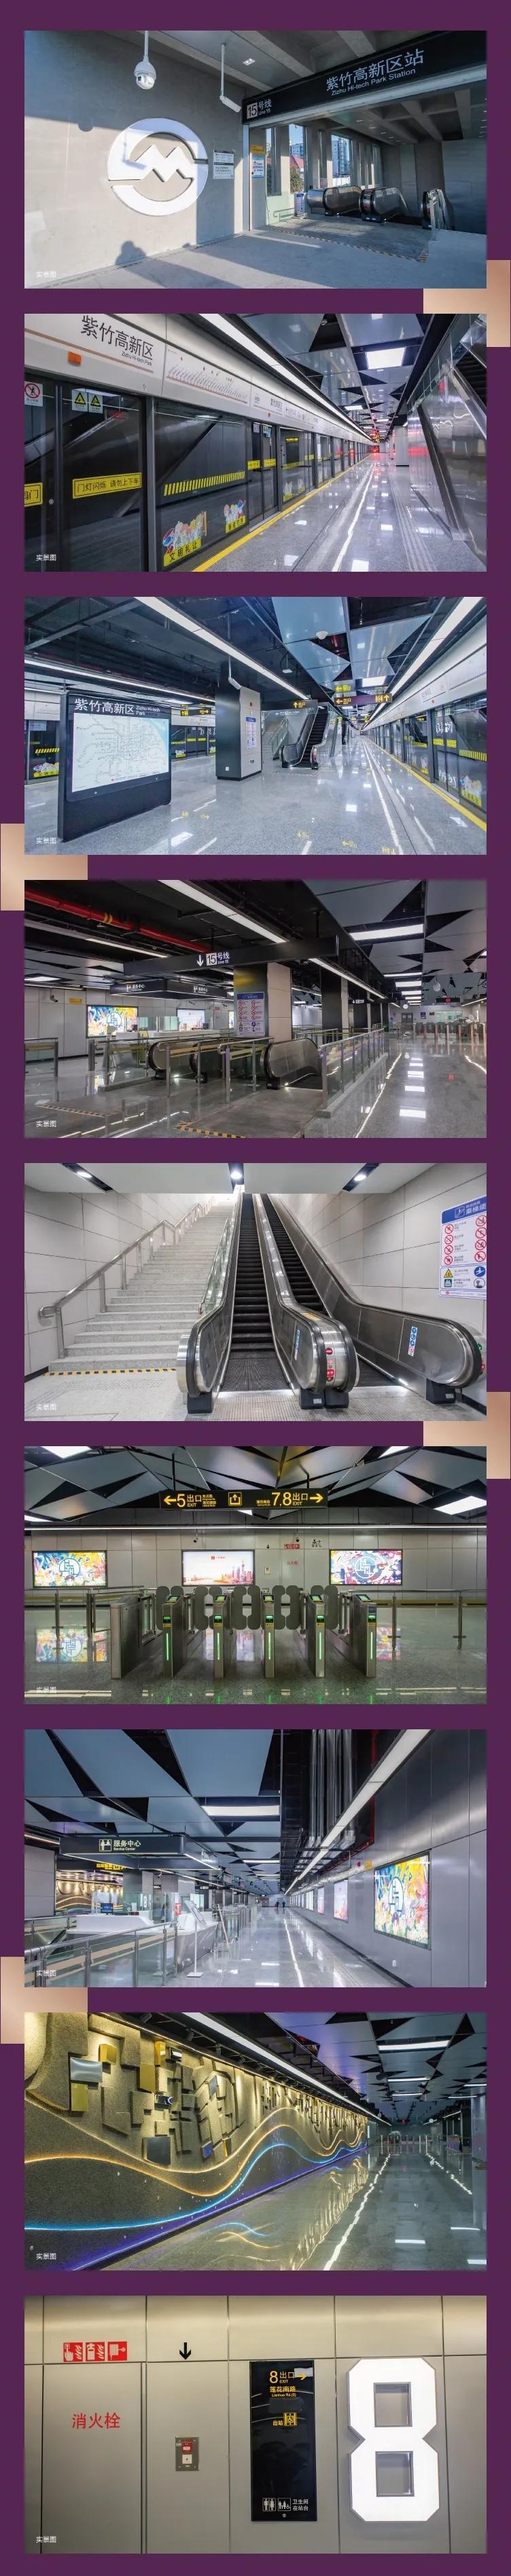 轨交15号线顺利通过初期运营前安全评估,春节前将开通试运营